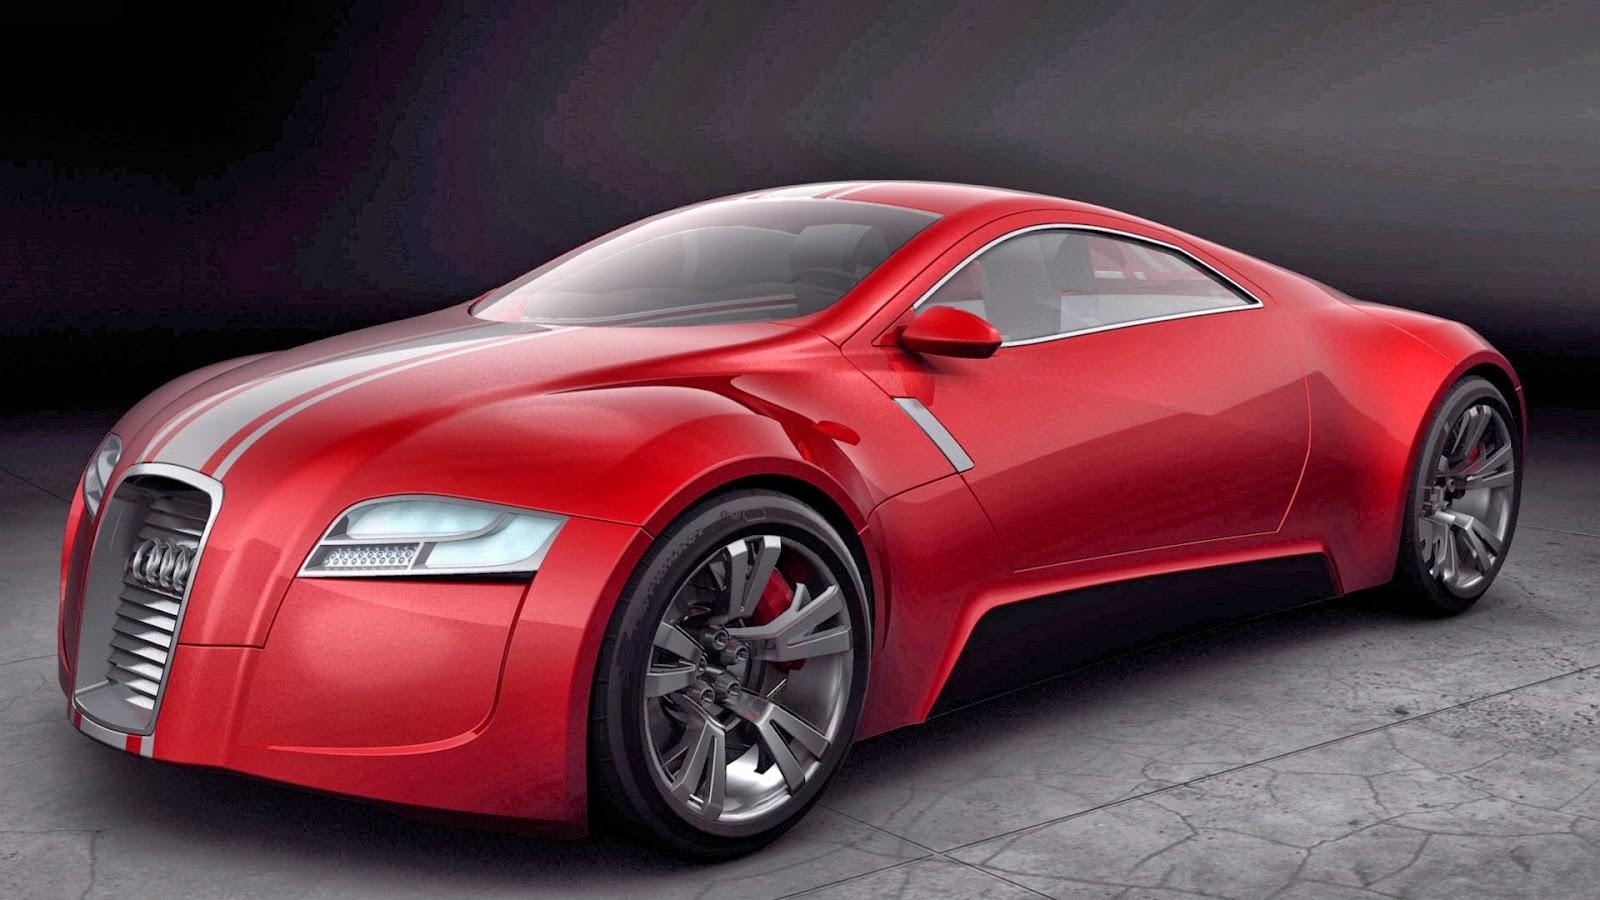 Top Model Of Audi Car Images